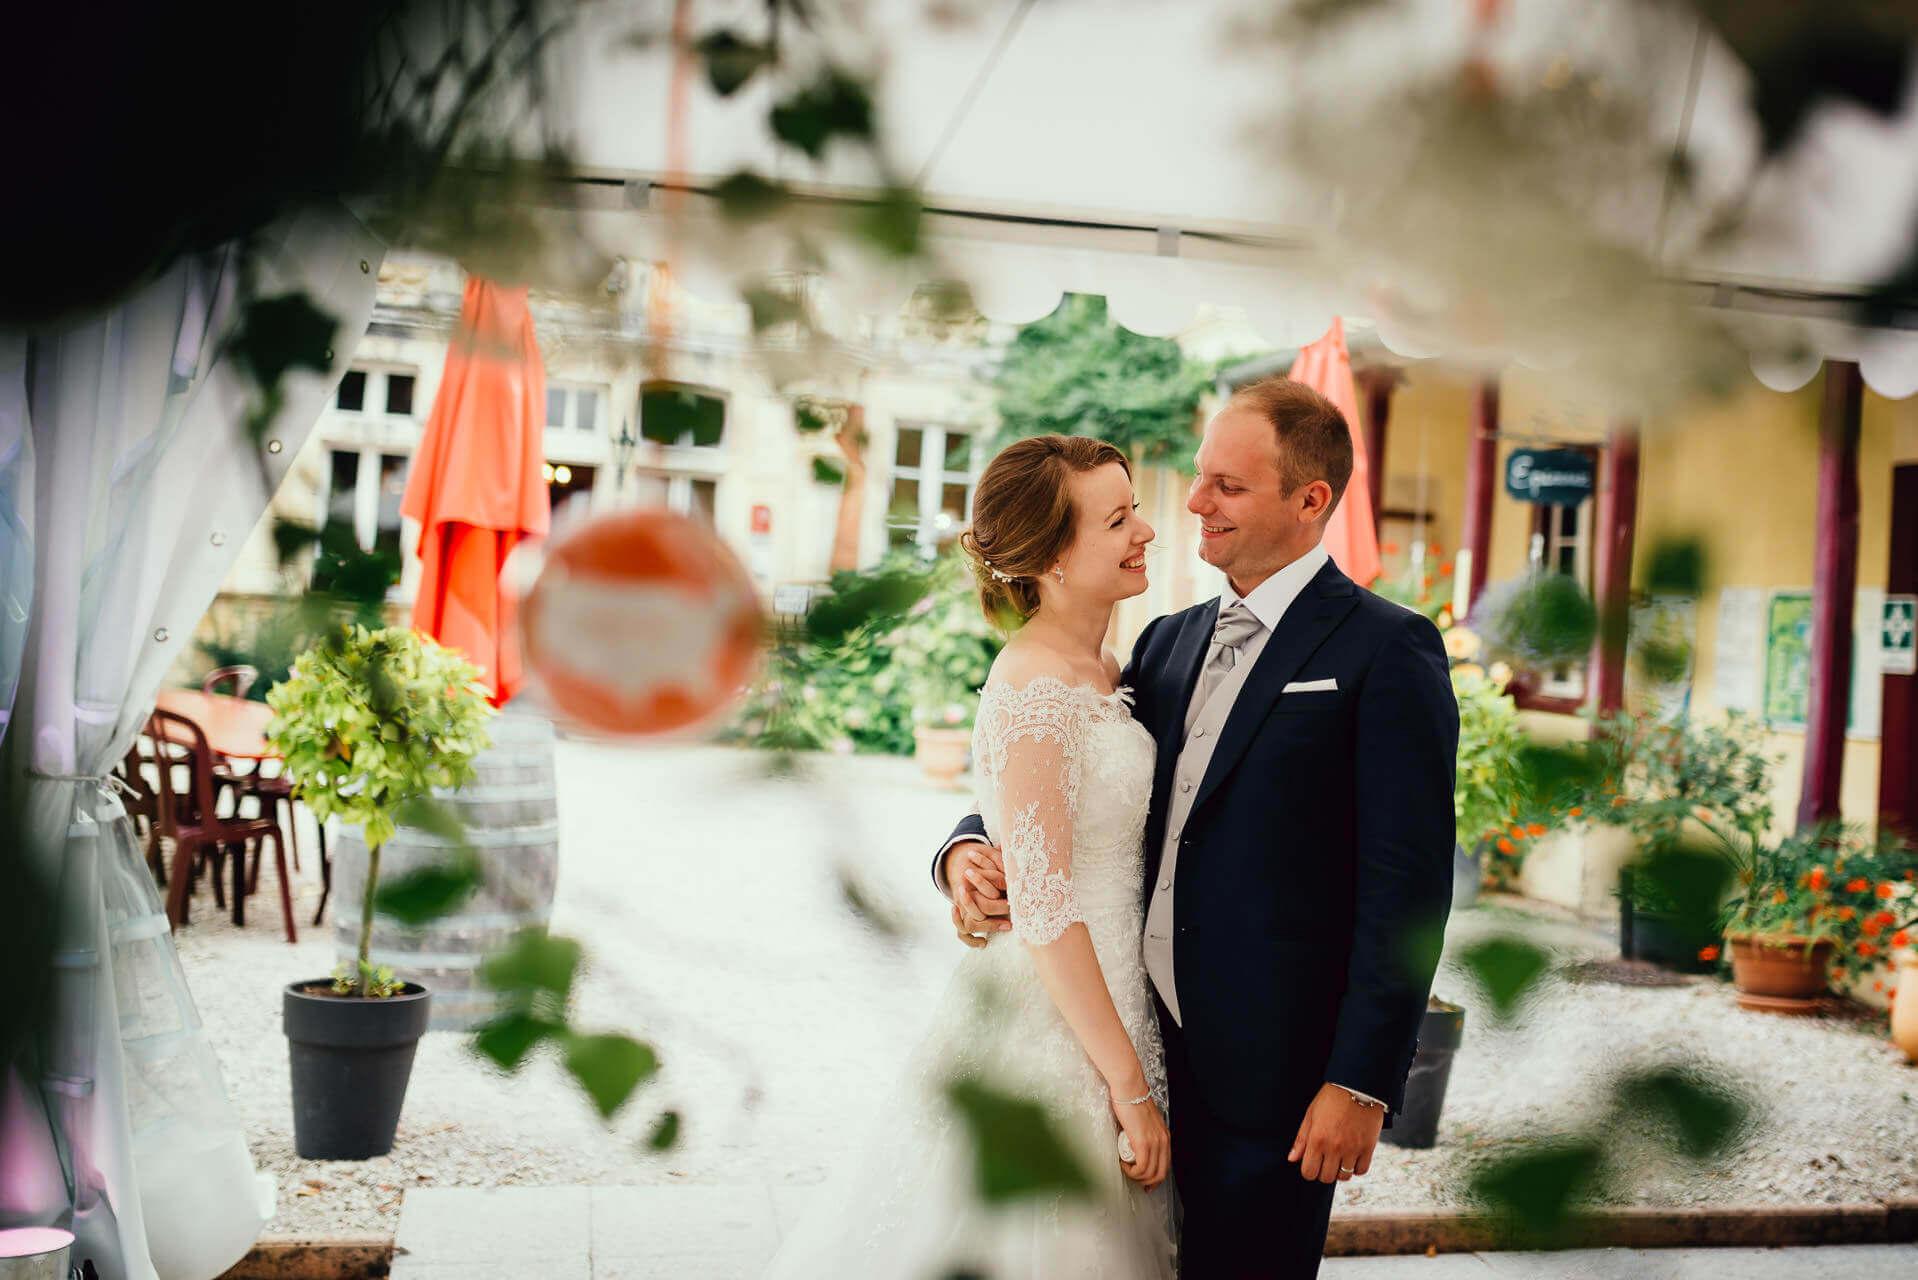 photographe mariage gers montesquiou chateau le haget